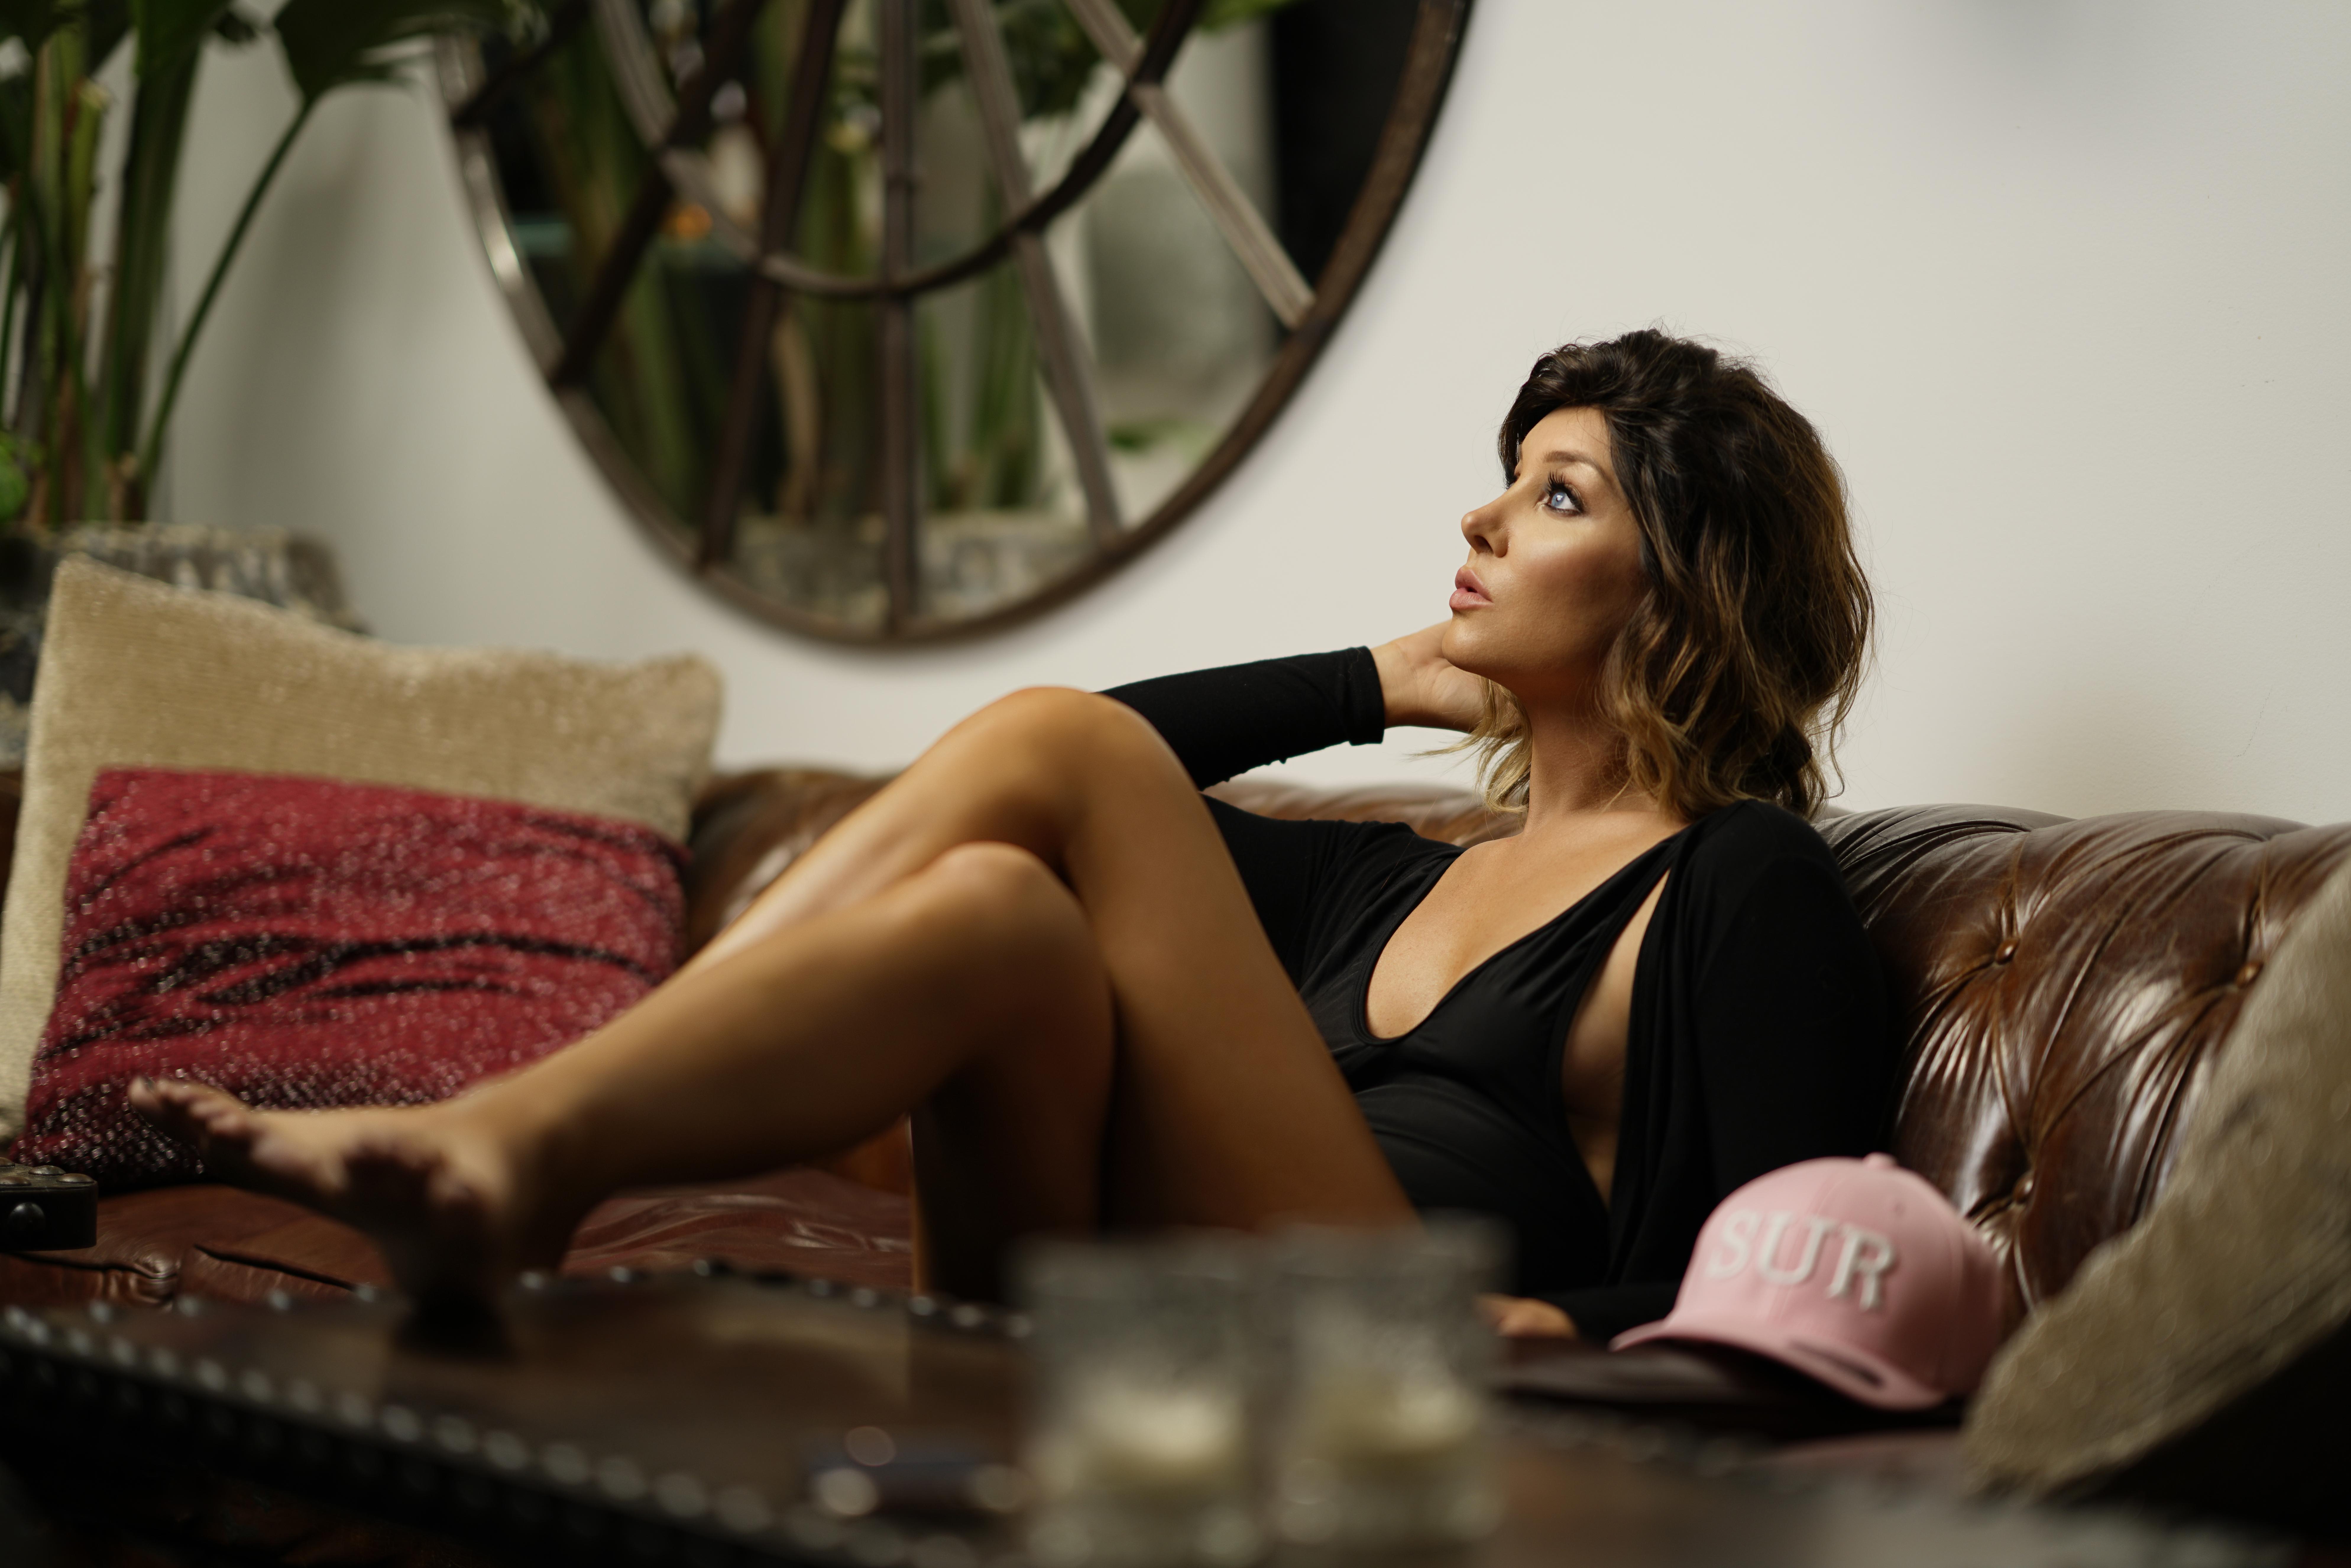 Billie Lee